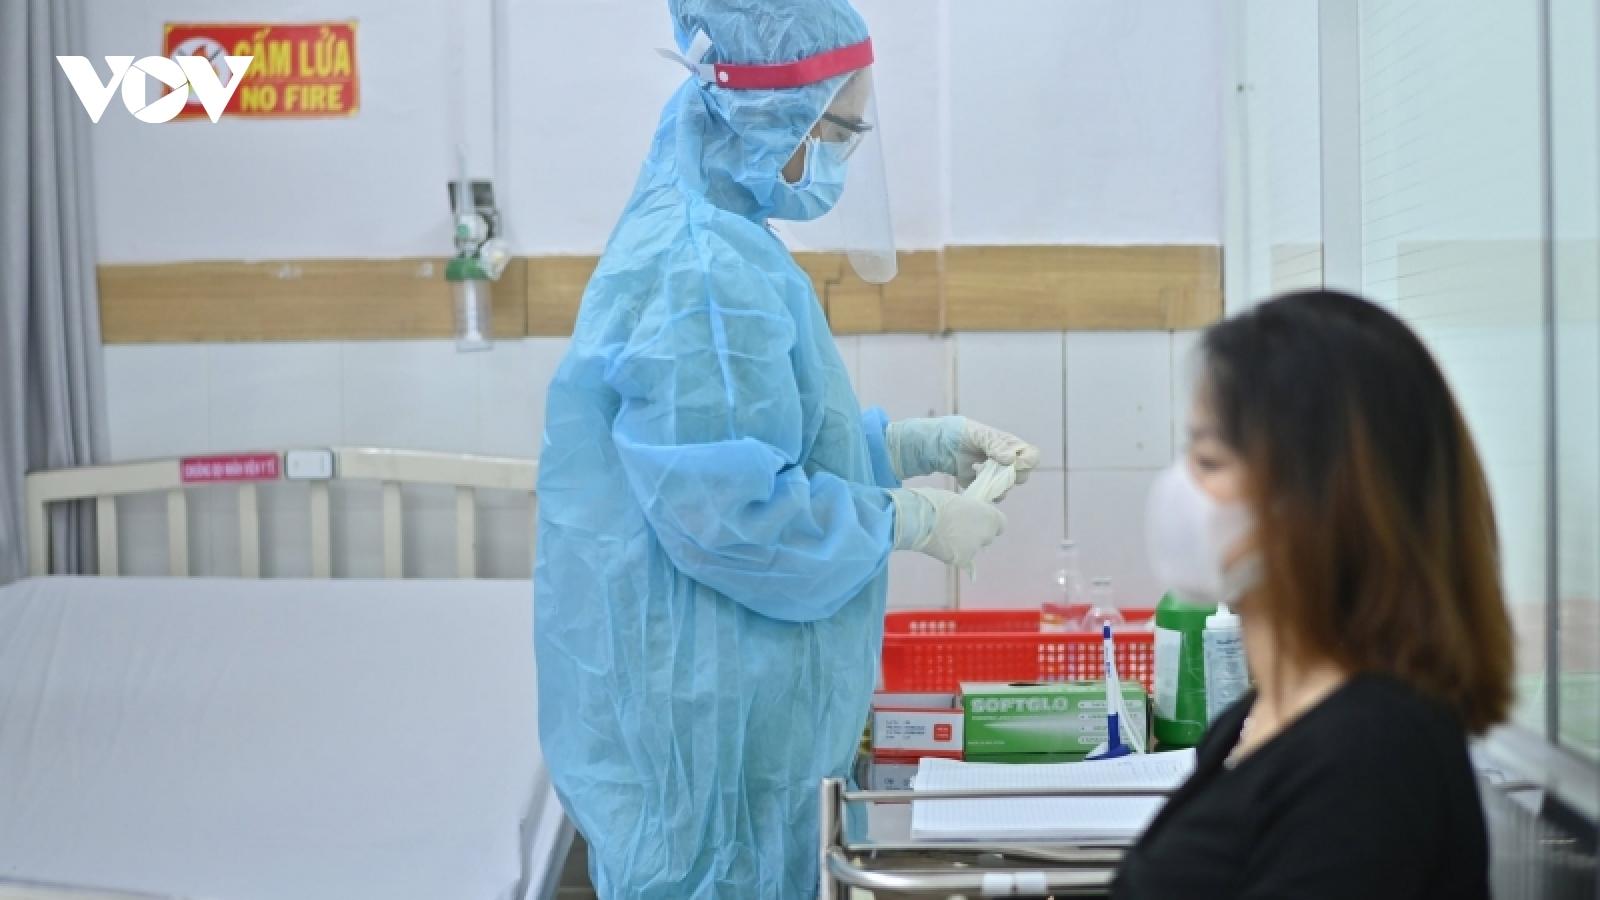 Bệnh viện phụ sản TP Cần Thơ trở lại hoạt động bình thường từ 0h ngày 25/9